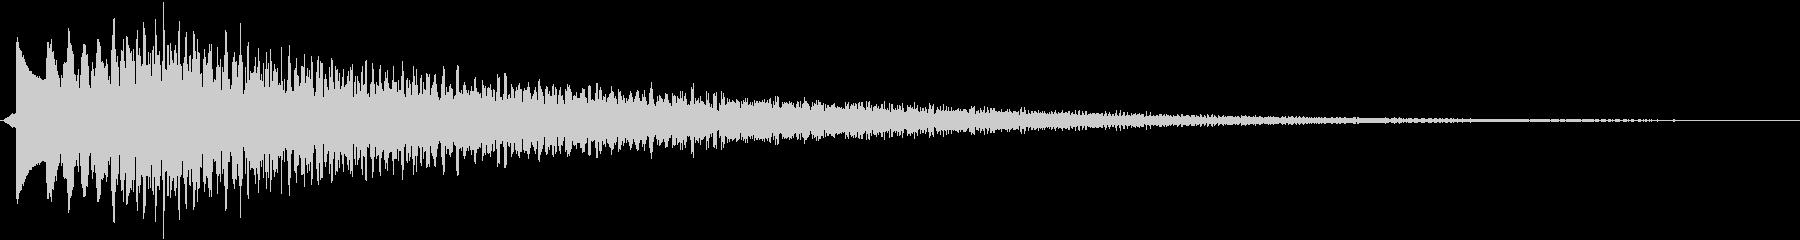 キラーン(アプリ、ゲーム、決定)の未再生の波形